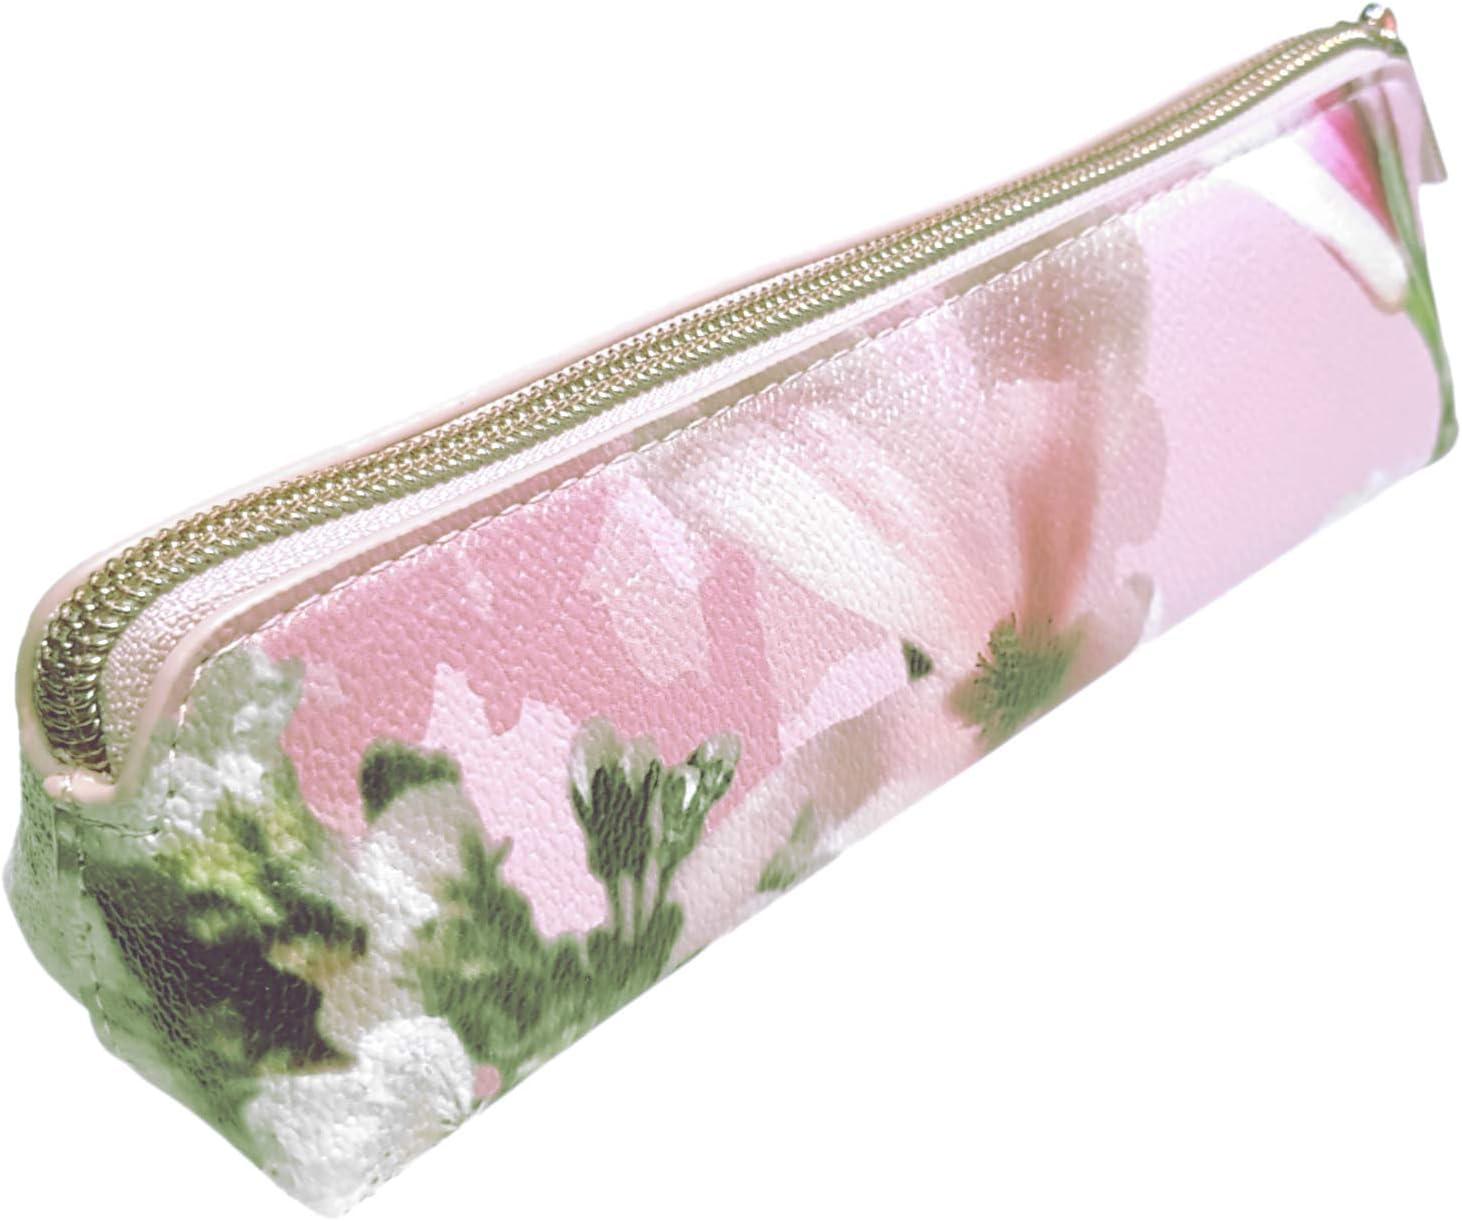 Ted Baker - Estuche para lápices y brochas de maquillaje, diseño de triángulos, color rosa: Amazon.es: Oficina y papelería